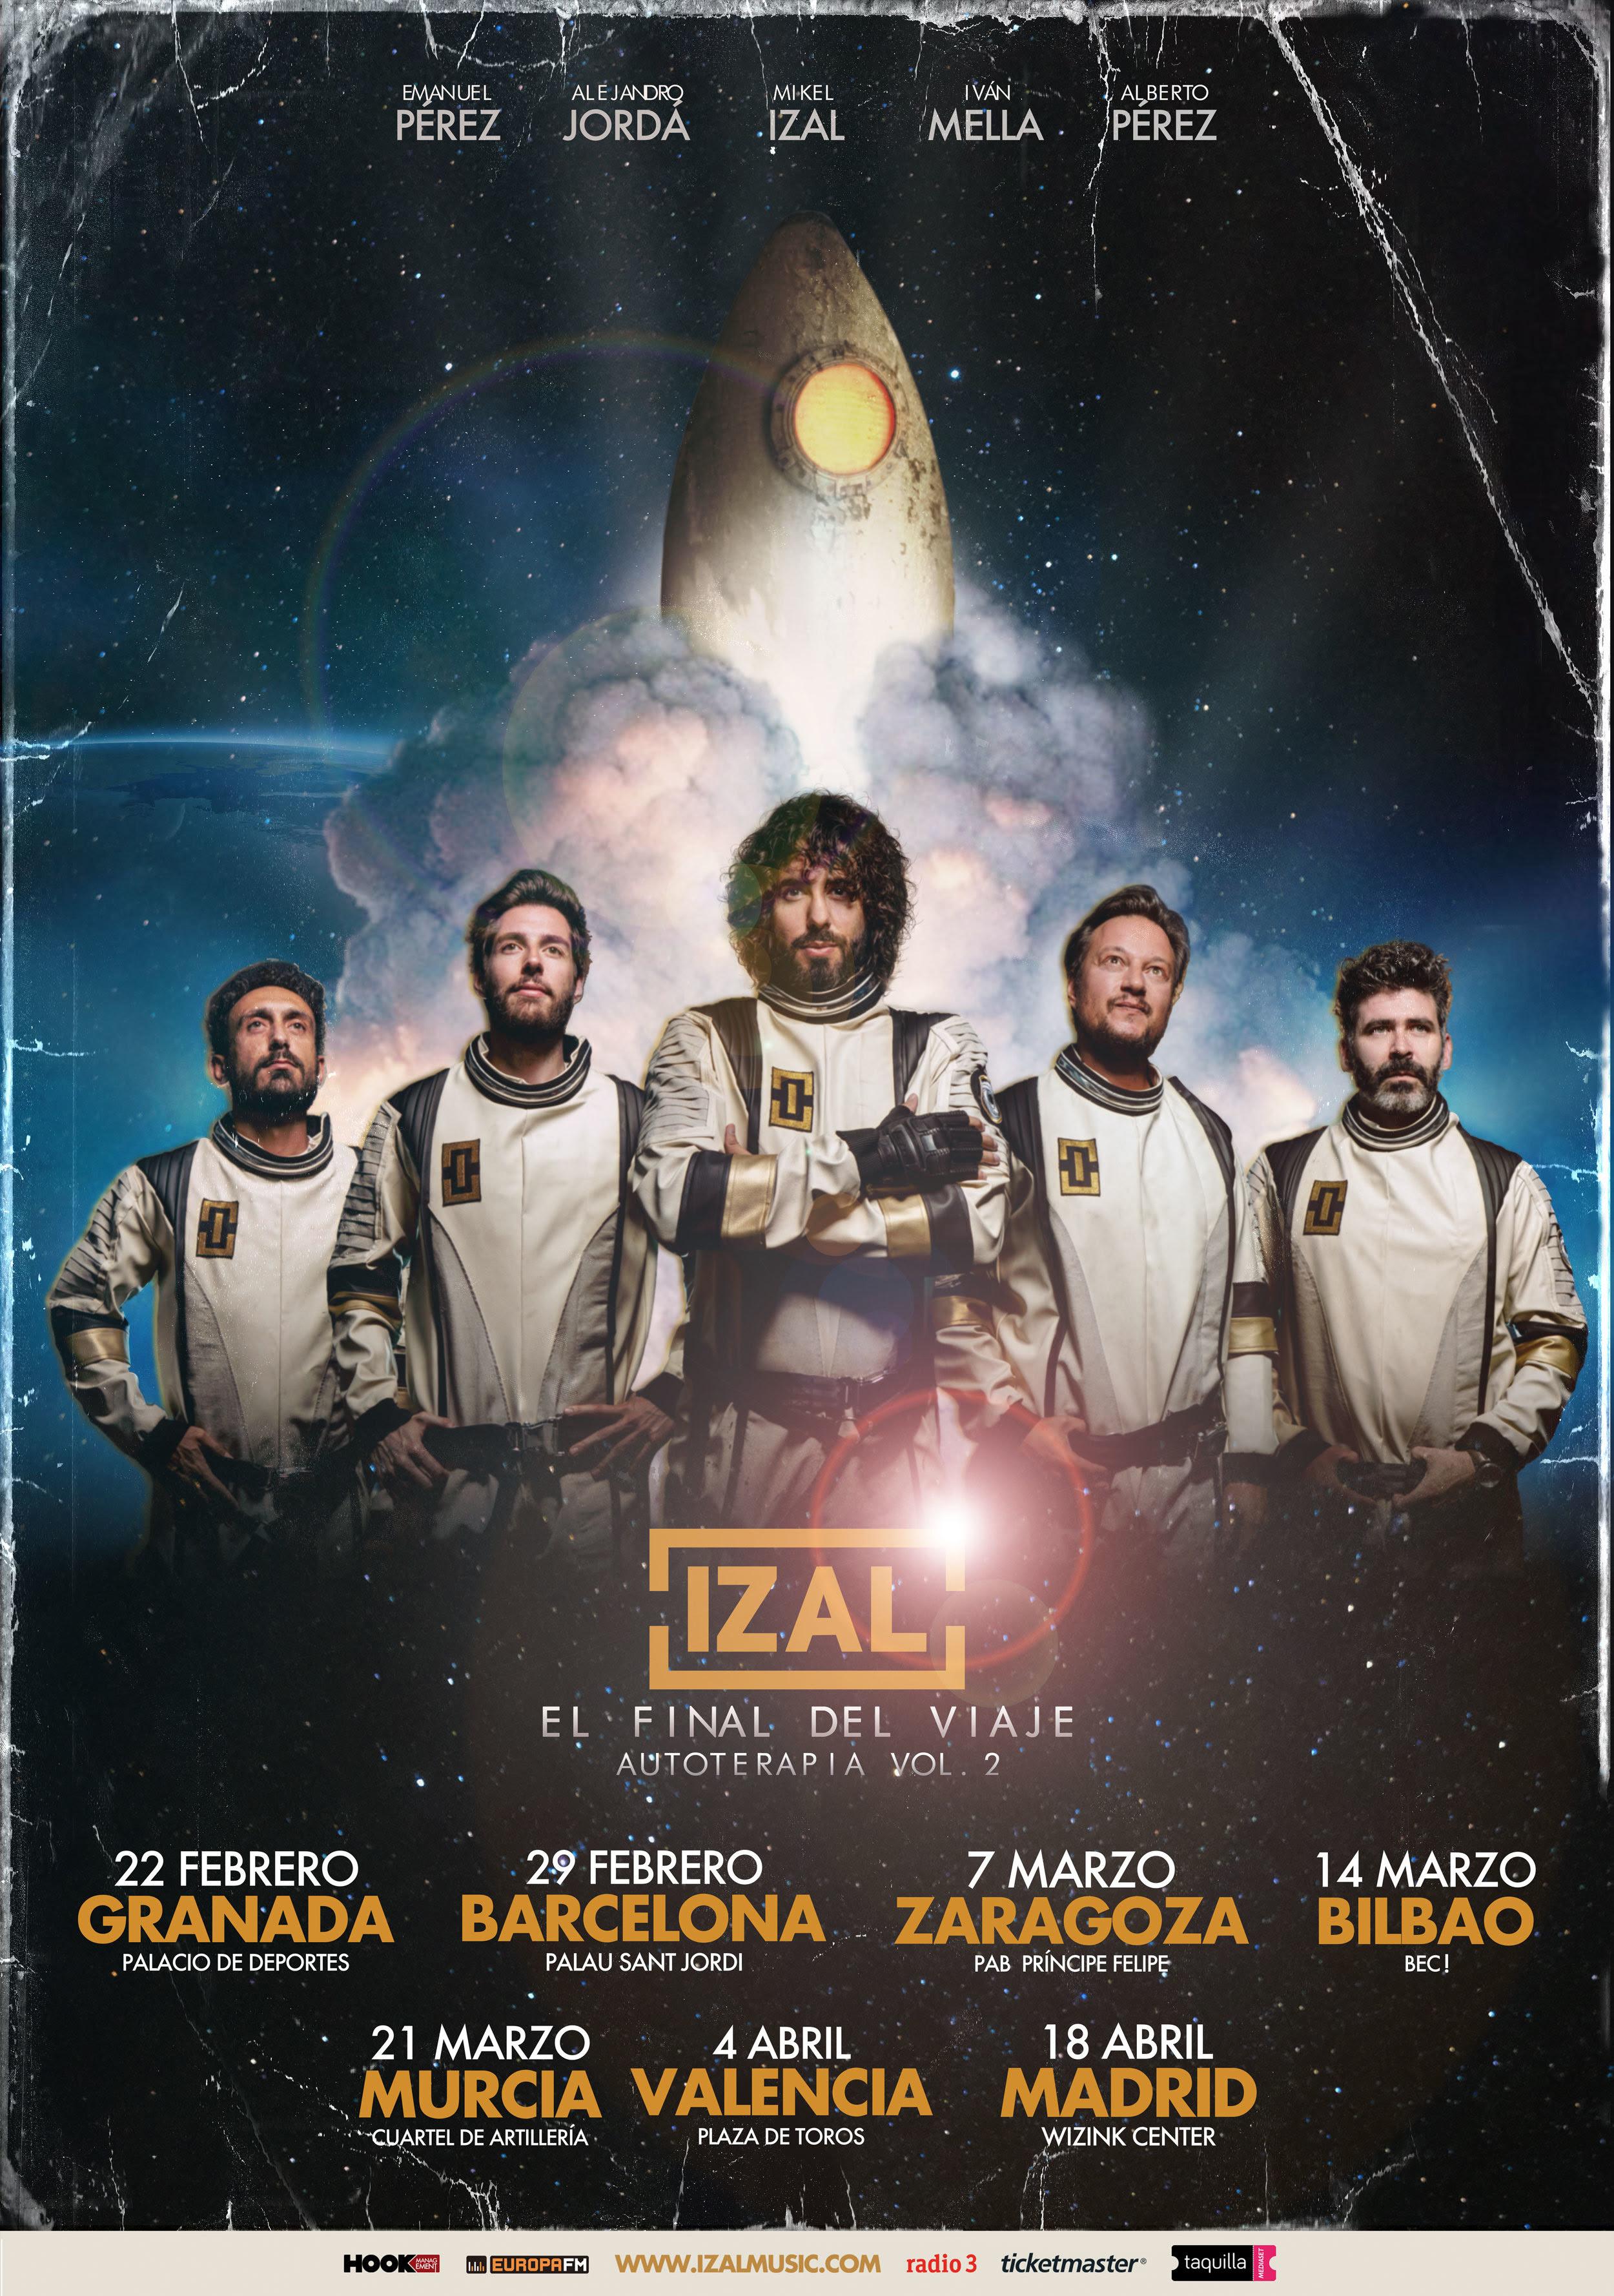 IZAL - EL FINAL DEL VIAJE - AUTOTERAPIA VOL. 2